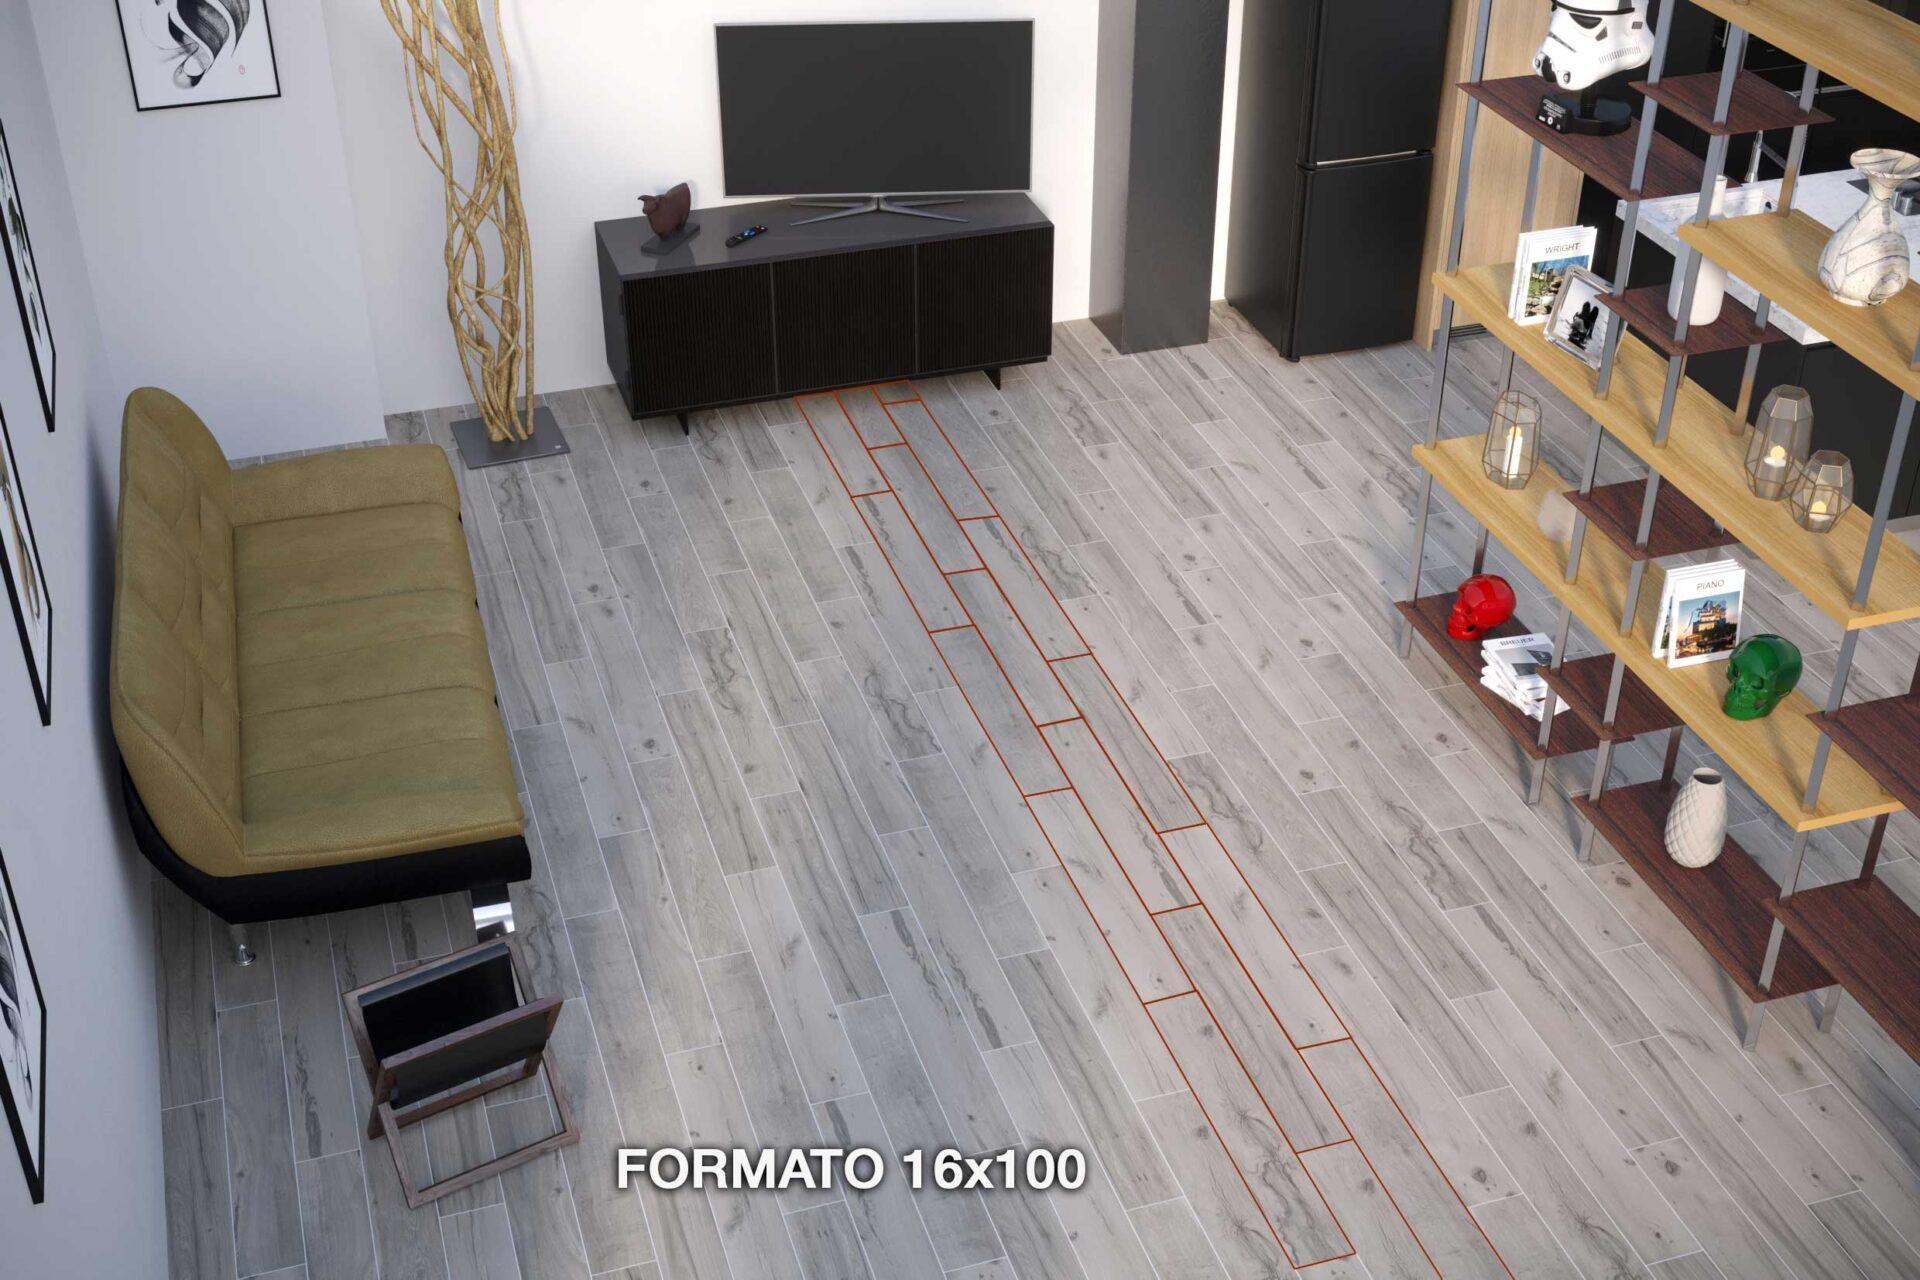 gres effetto legno posato 16x100 cm